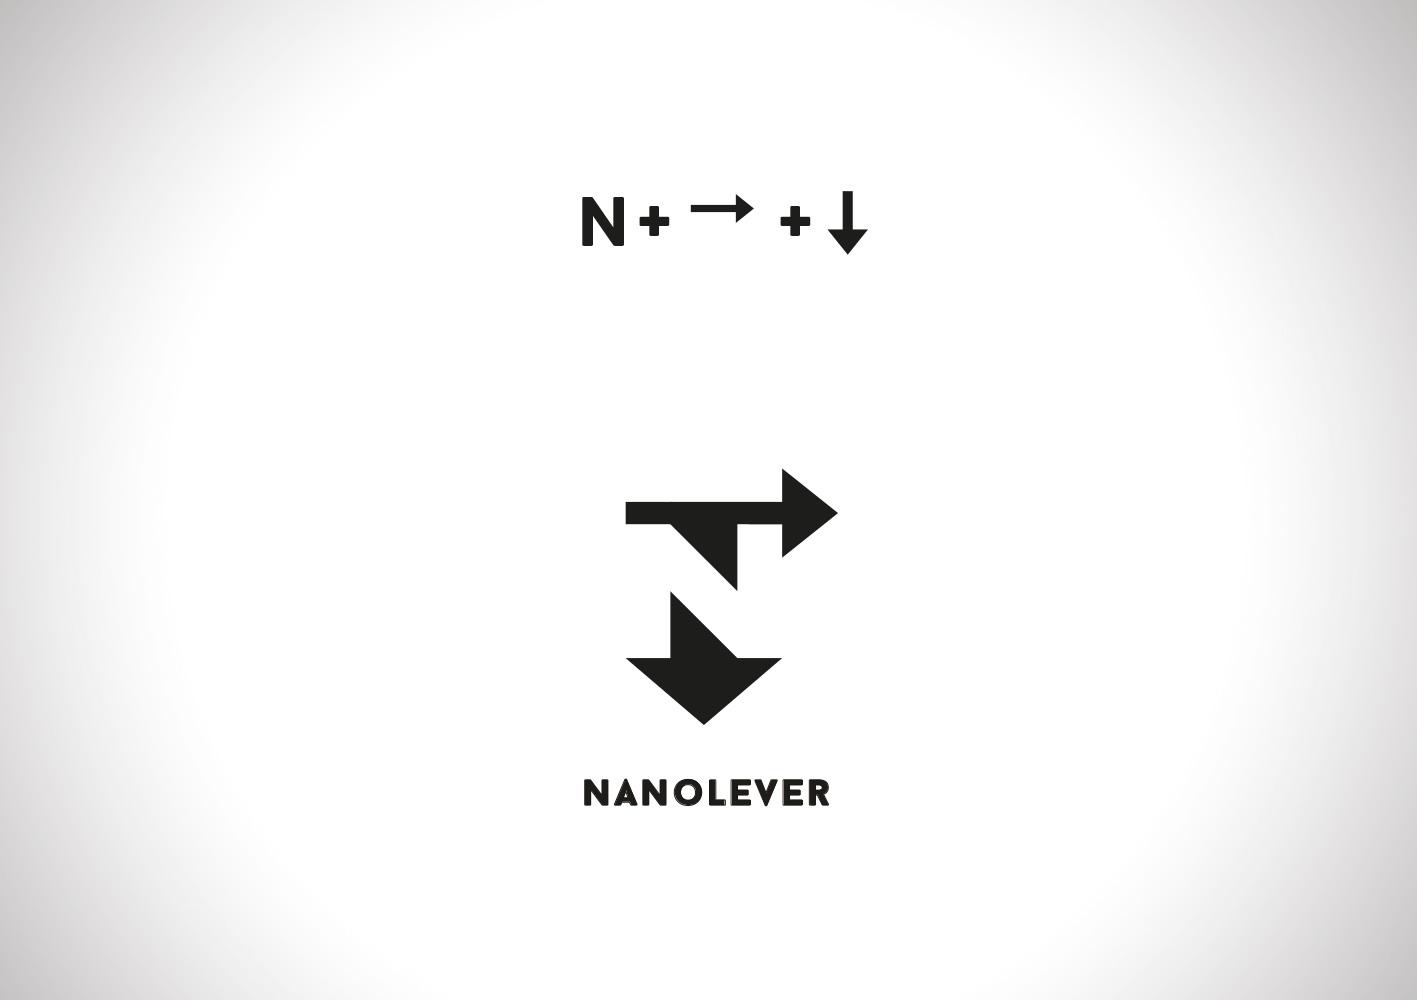 nanolever